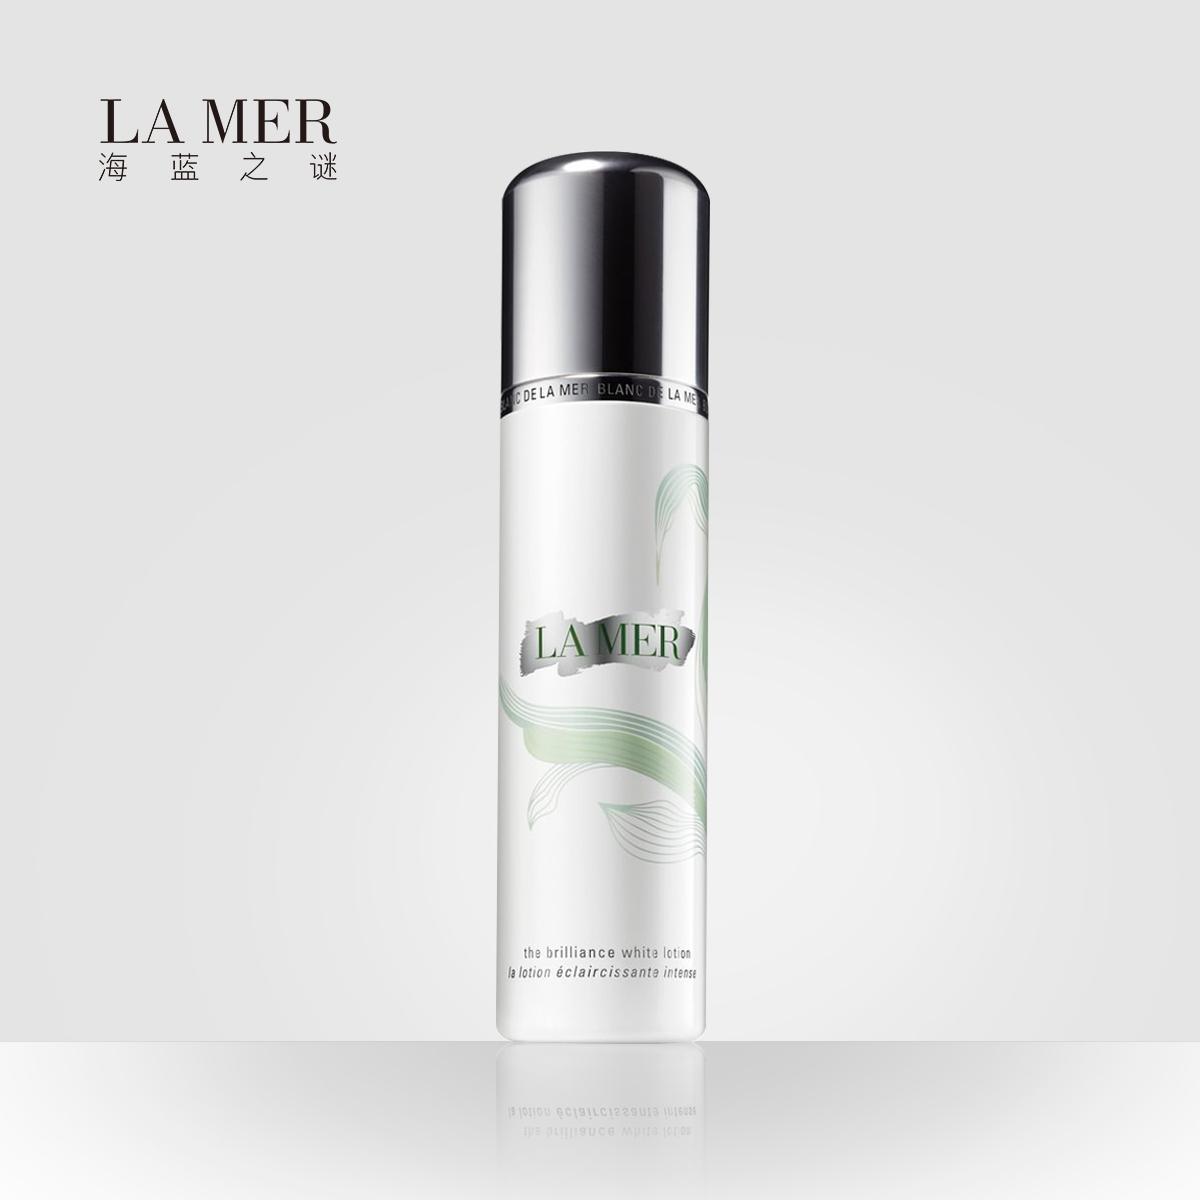 LA MER海藍之謎煥白璀璨柔膚水200ml 舒緩褪淡